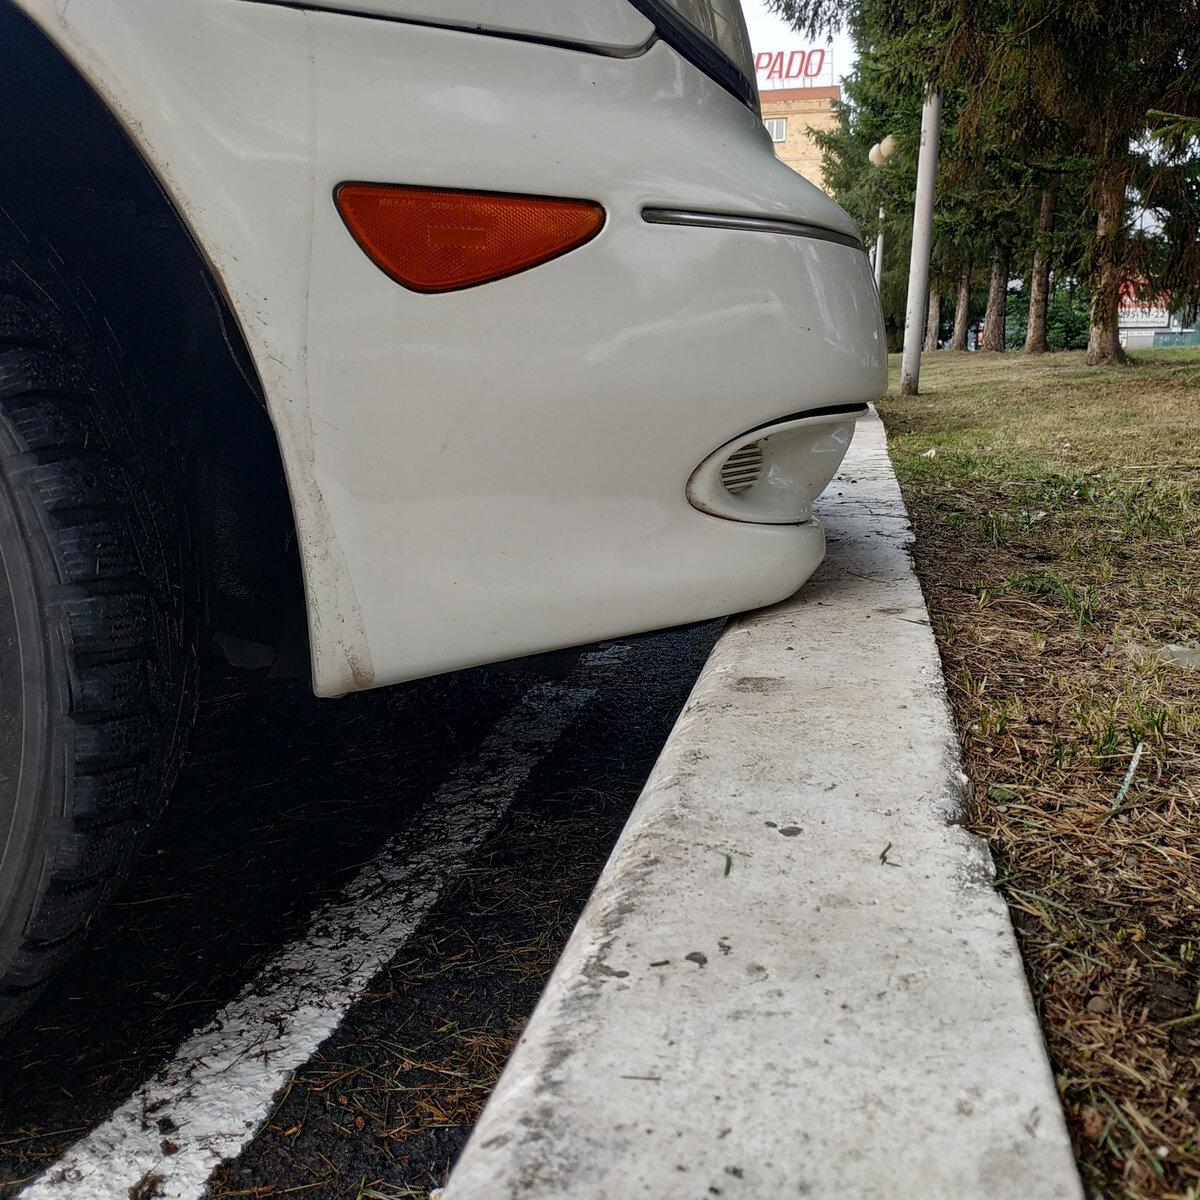 Хитрость от автоинструктора: паркуемся передом к бордюру так, чтобы точно не повредить бампер